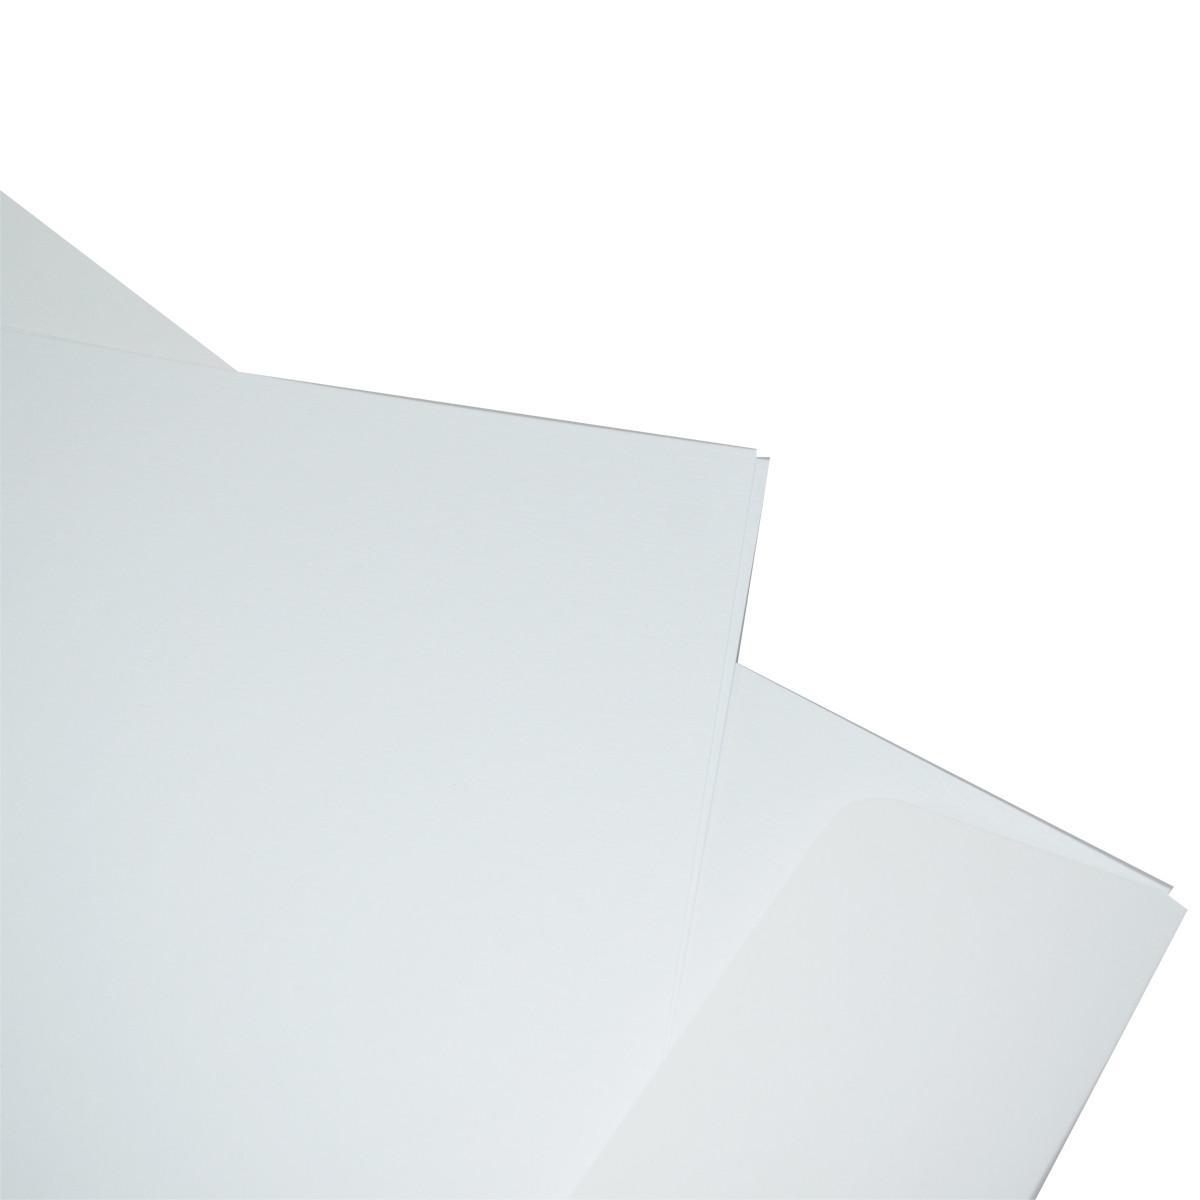 """Набор аквар бумаги SANTI """"Floristics"""", А4, """"Paper Watercolor Collection"""", 18 л., 200г/м2 - фото 3"""